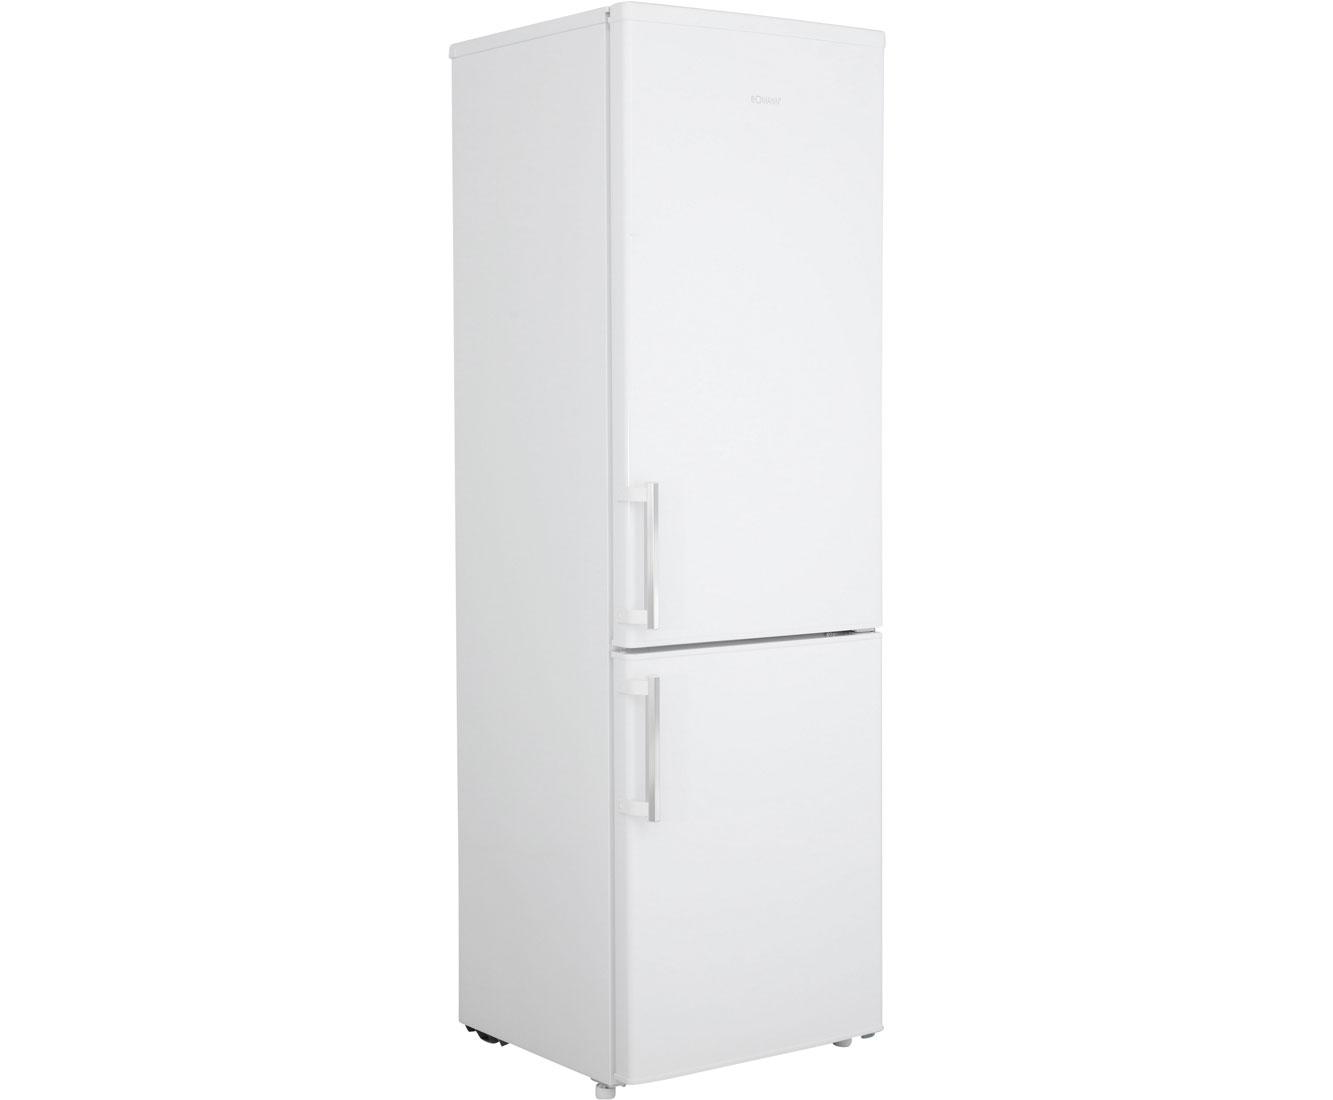 Bomann kg 183 weiß kühl gefrierkombination 55er breite weiß a